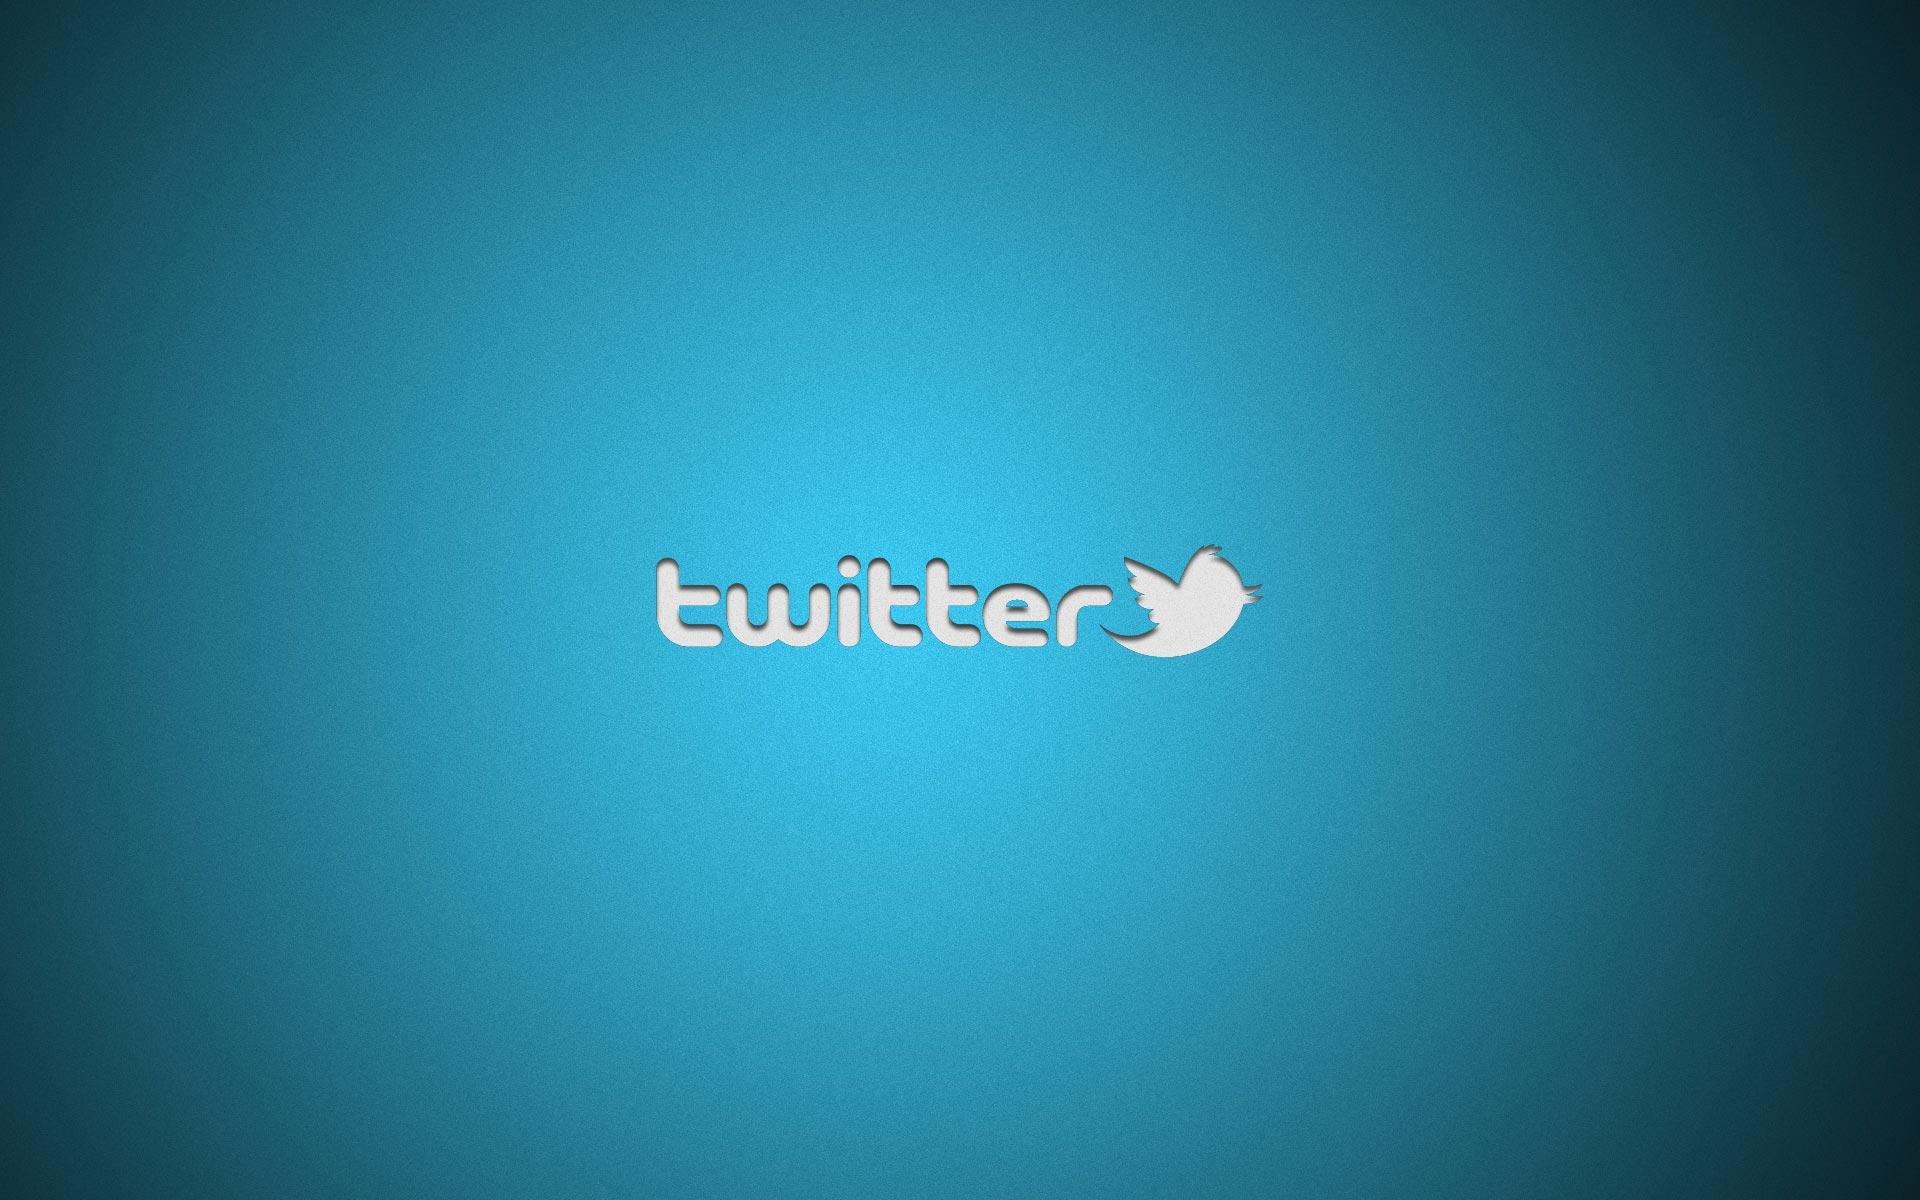 Twitter предоставил рекламодателям новый способ измерить эффективность кампаний